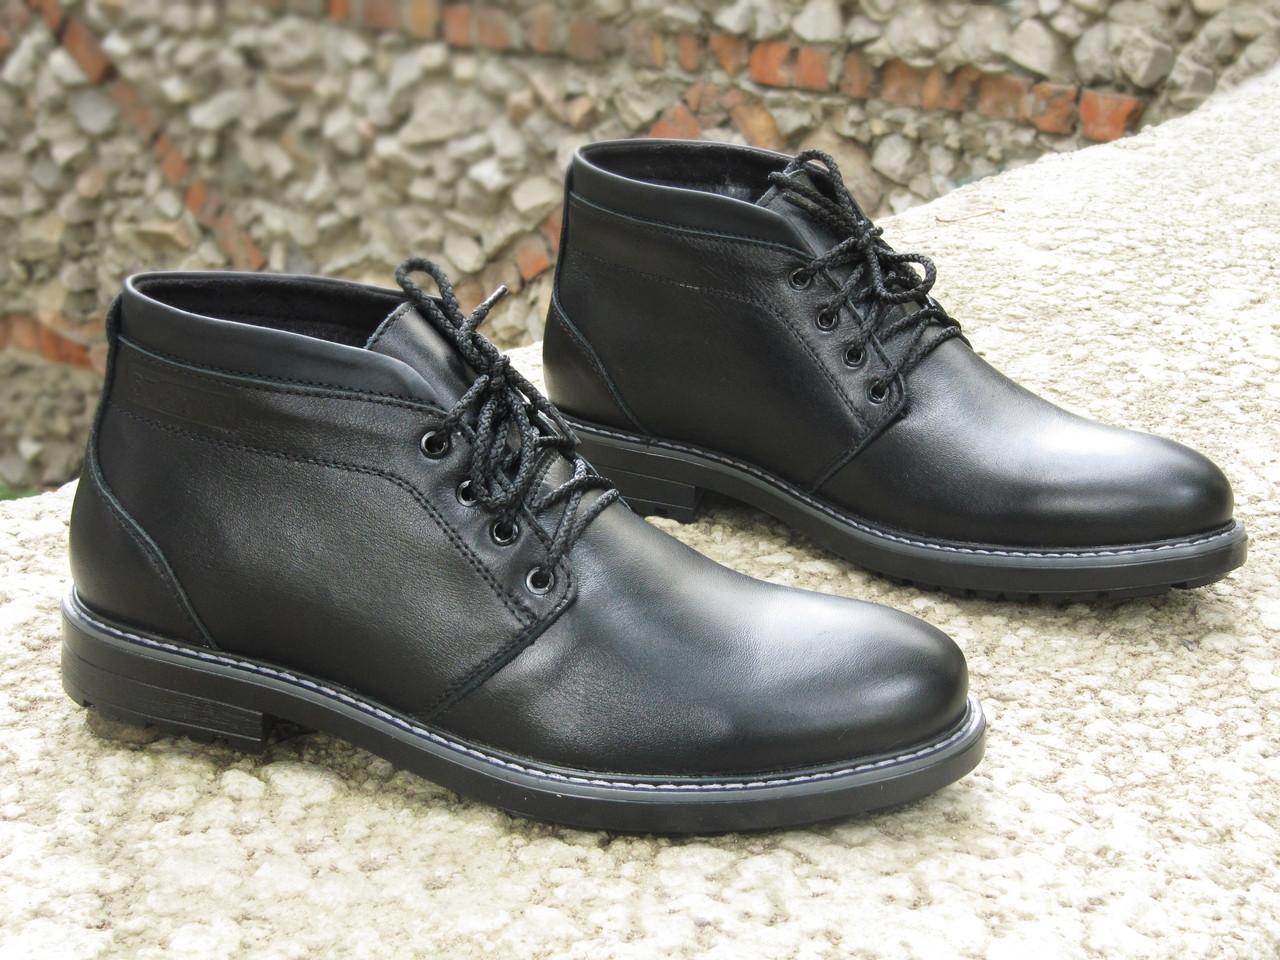 Зимние ботинки дезерты мужские черные кожаные размер 40, 41, 42, 43, 44, 45